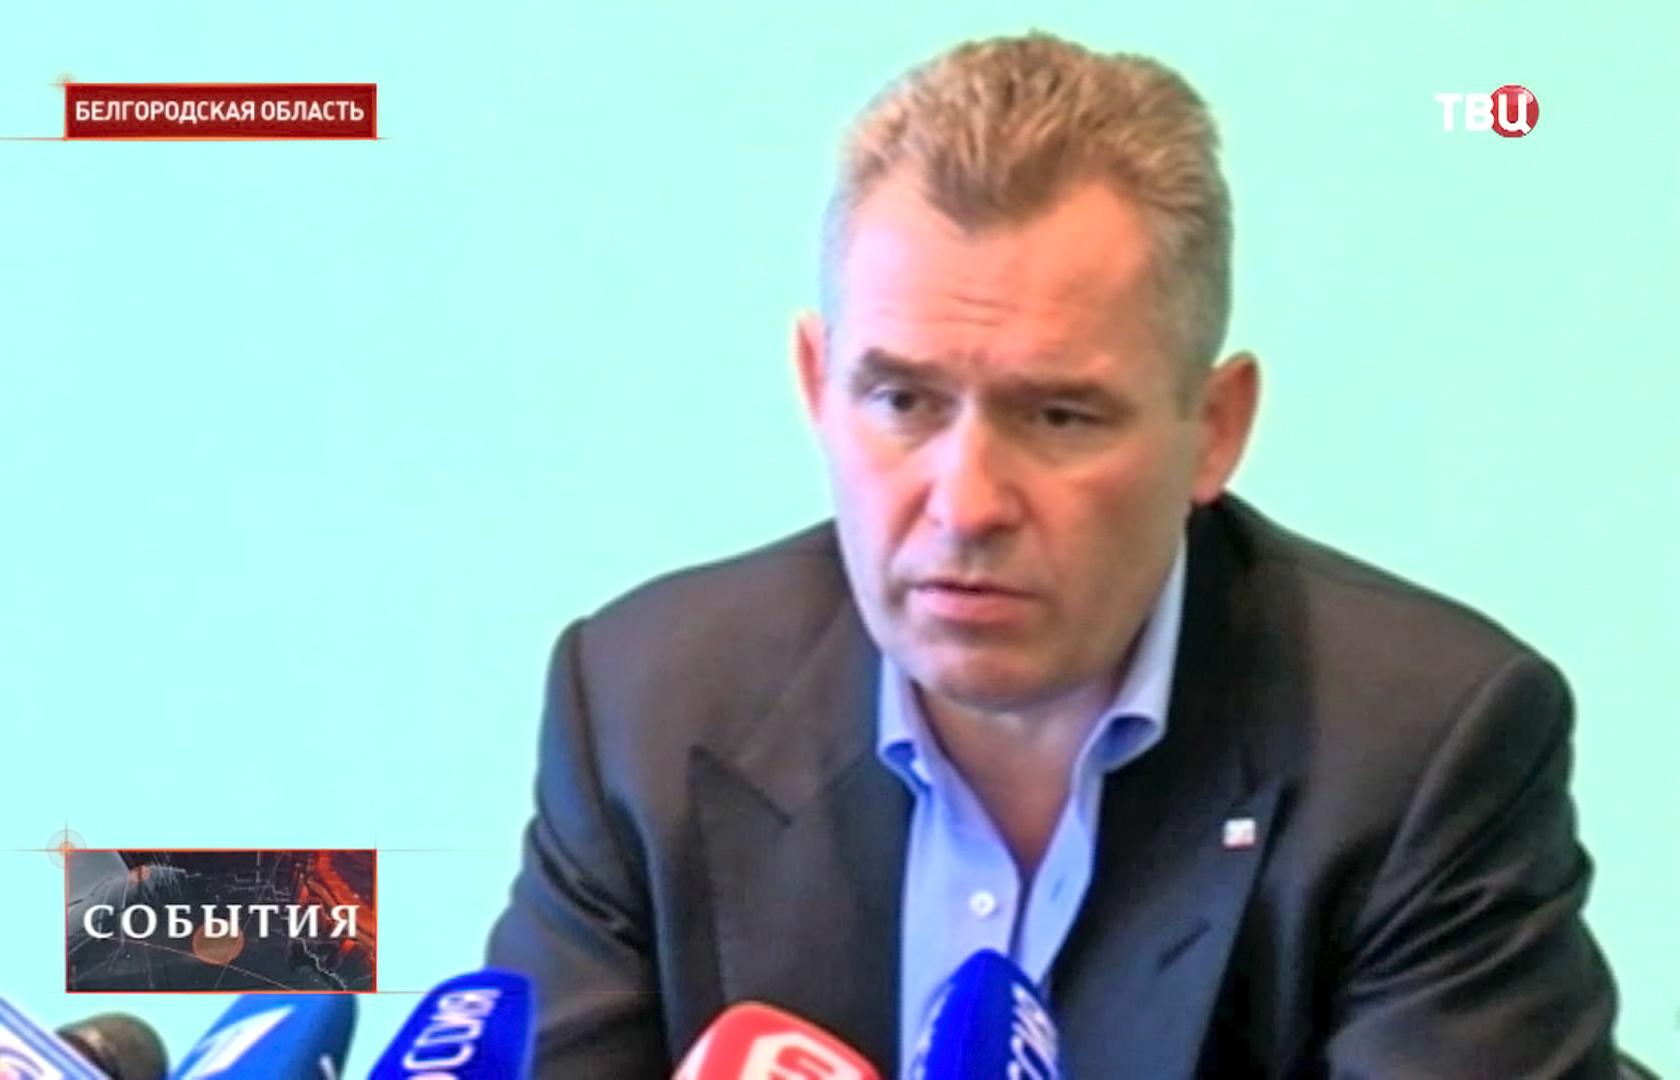 Уполномоченный при Президенте по правам ребенка Павел Астахов